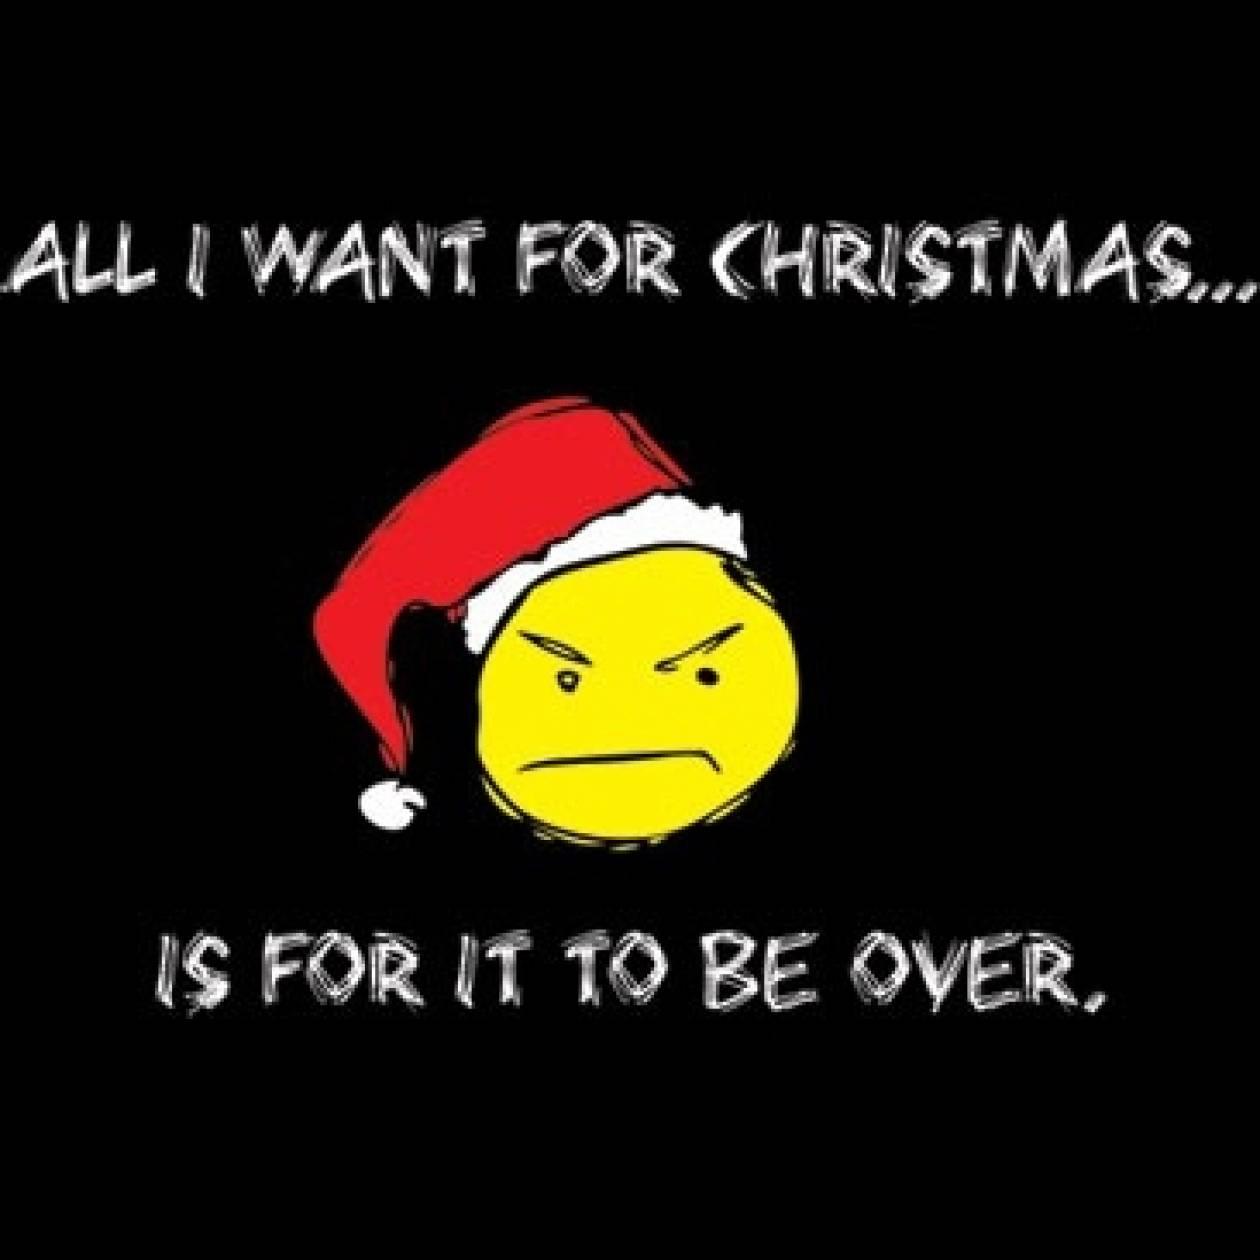 Μισείς κι εσύ τα Χριστούγεννα; Δεν είμαστε μόνοι!